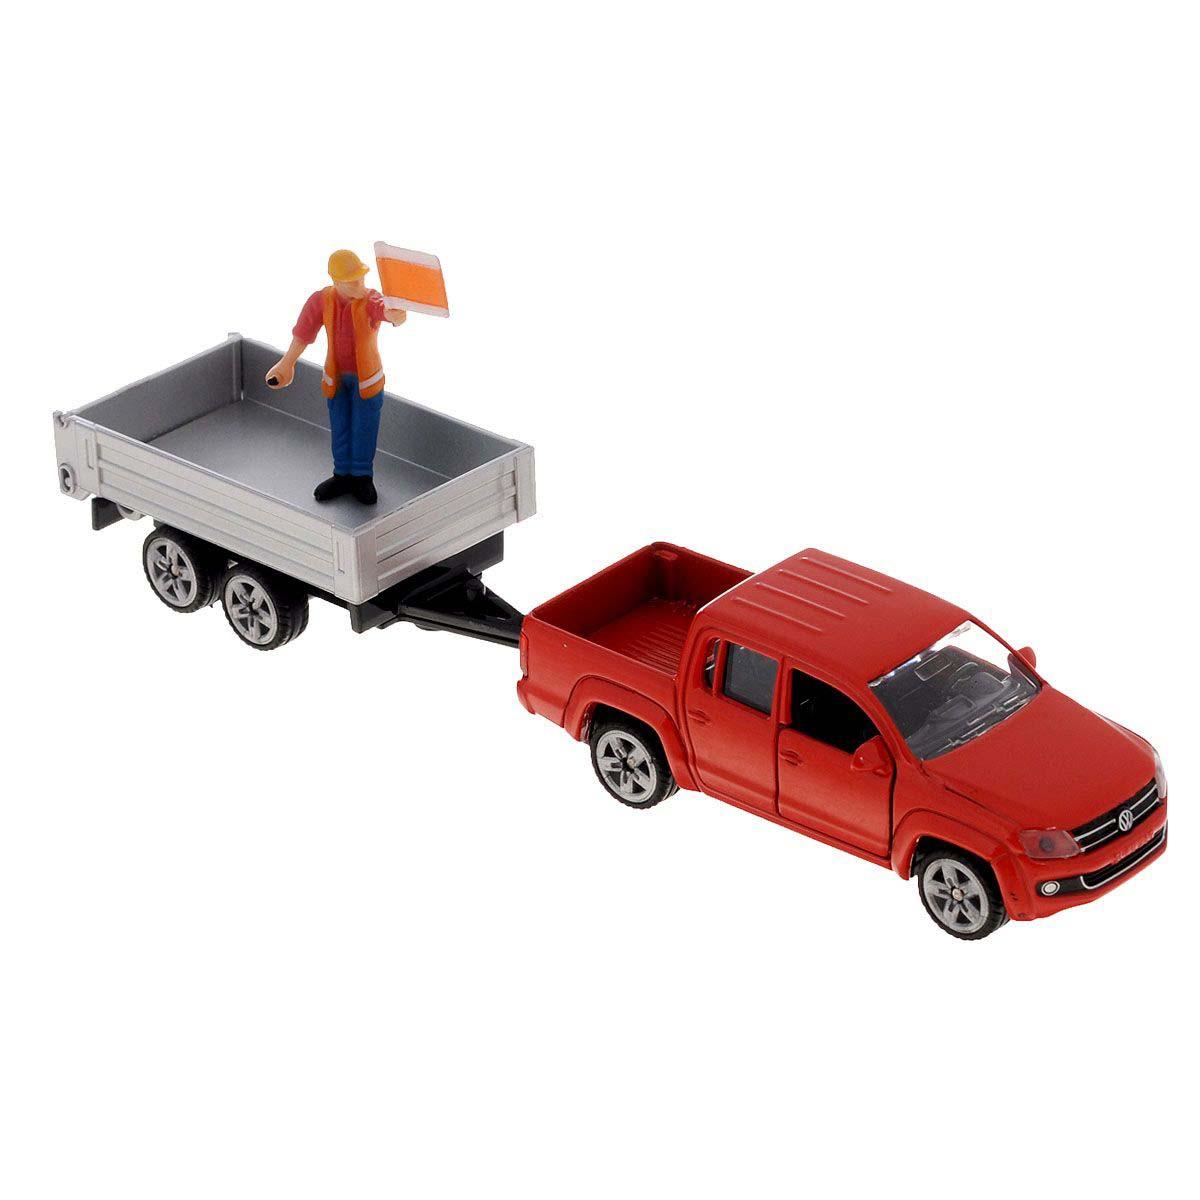 Игрушечная модель - Машина с прицепом, 1:55Volkswagen<br>Игрушечная модель - Машина с прицепом, 1:55<br>